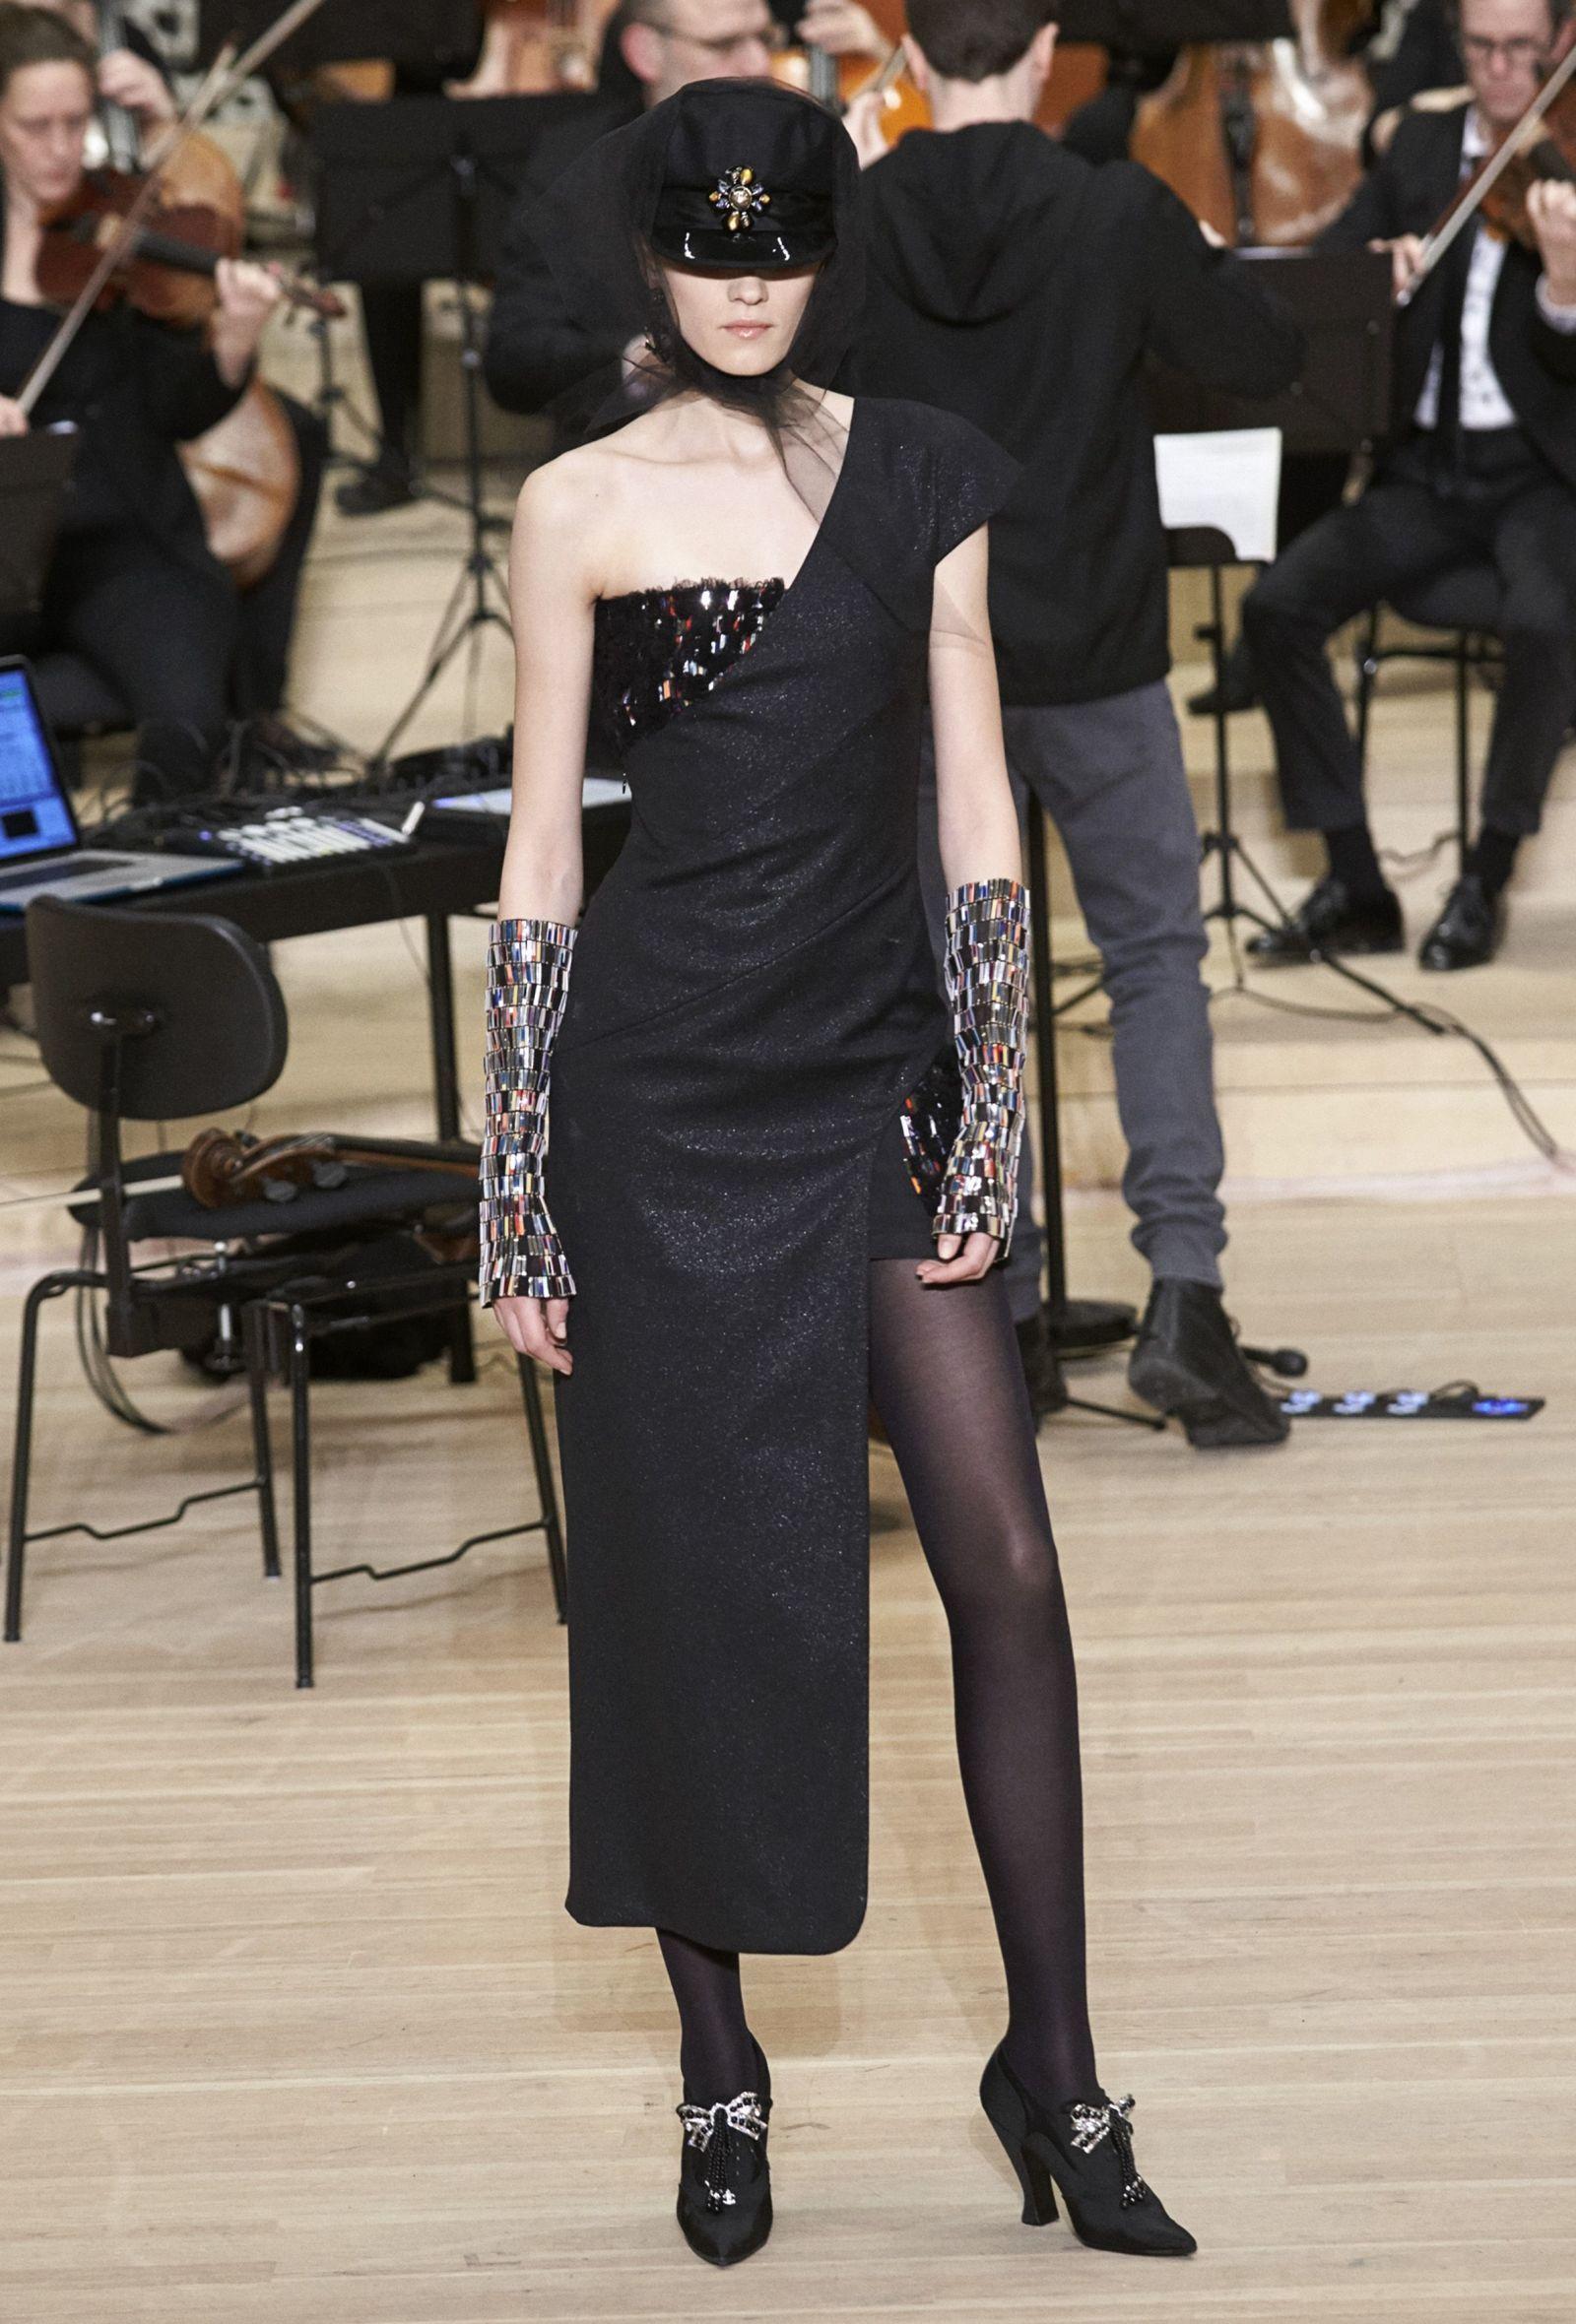 Chanel Elle Nude Photos 61